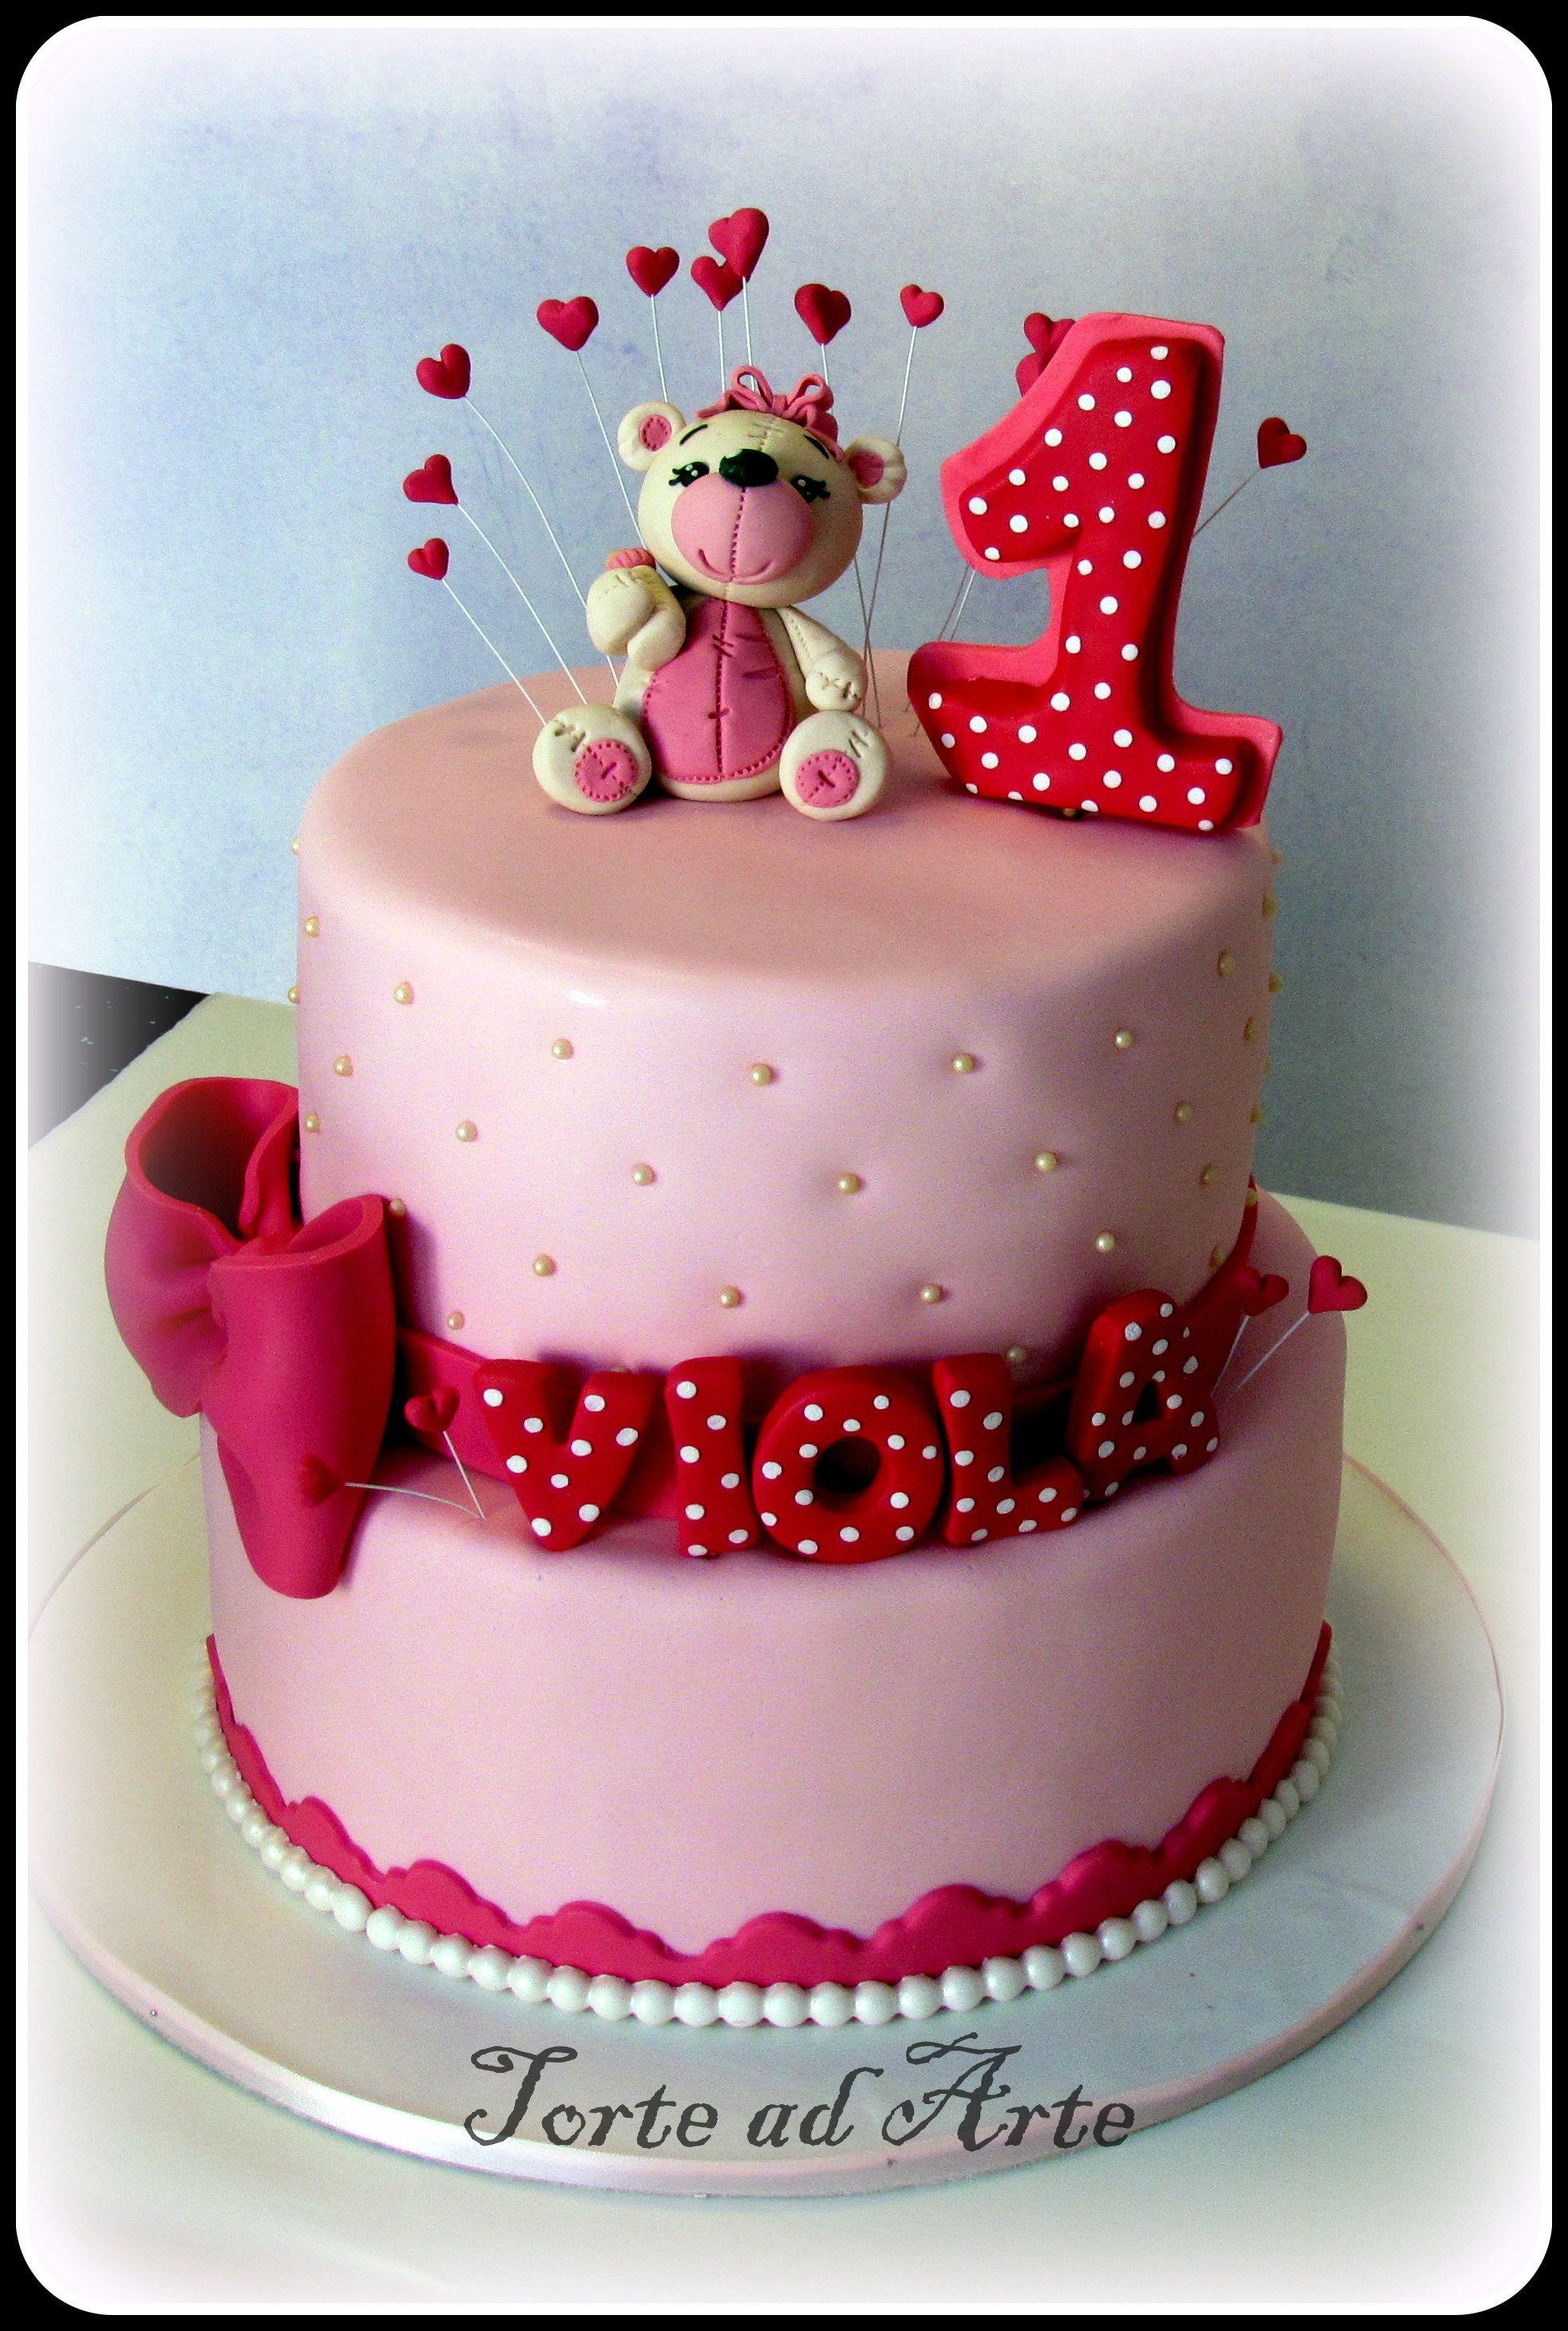 Torta primo compleanno bimba idee primo compleanno bimba for Idee per torta di compleanno